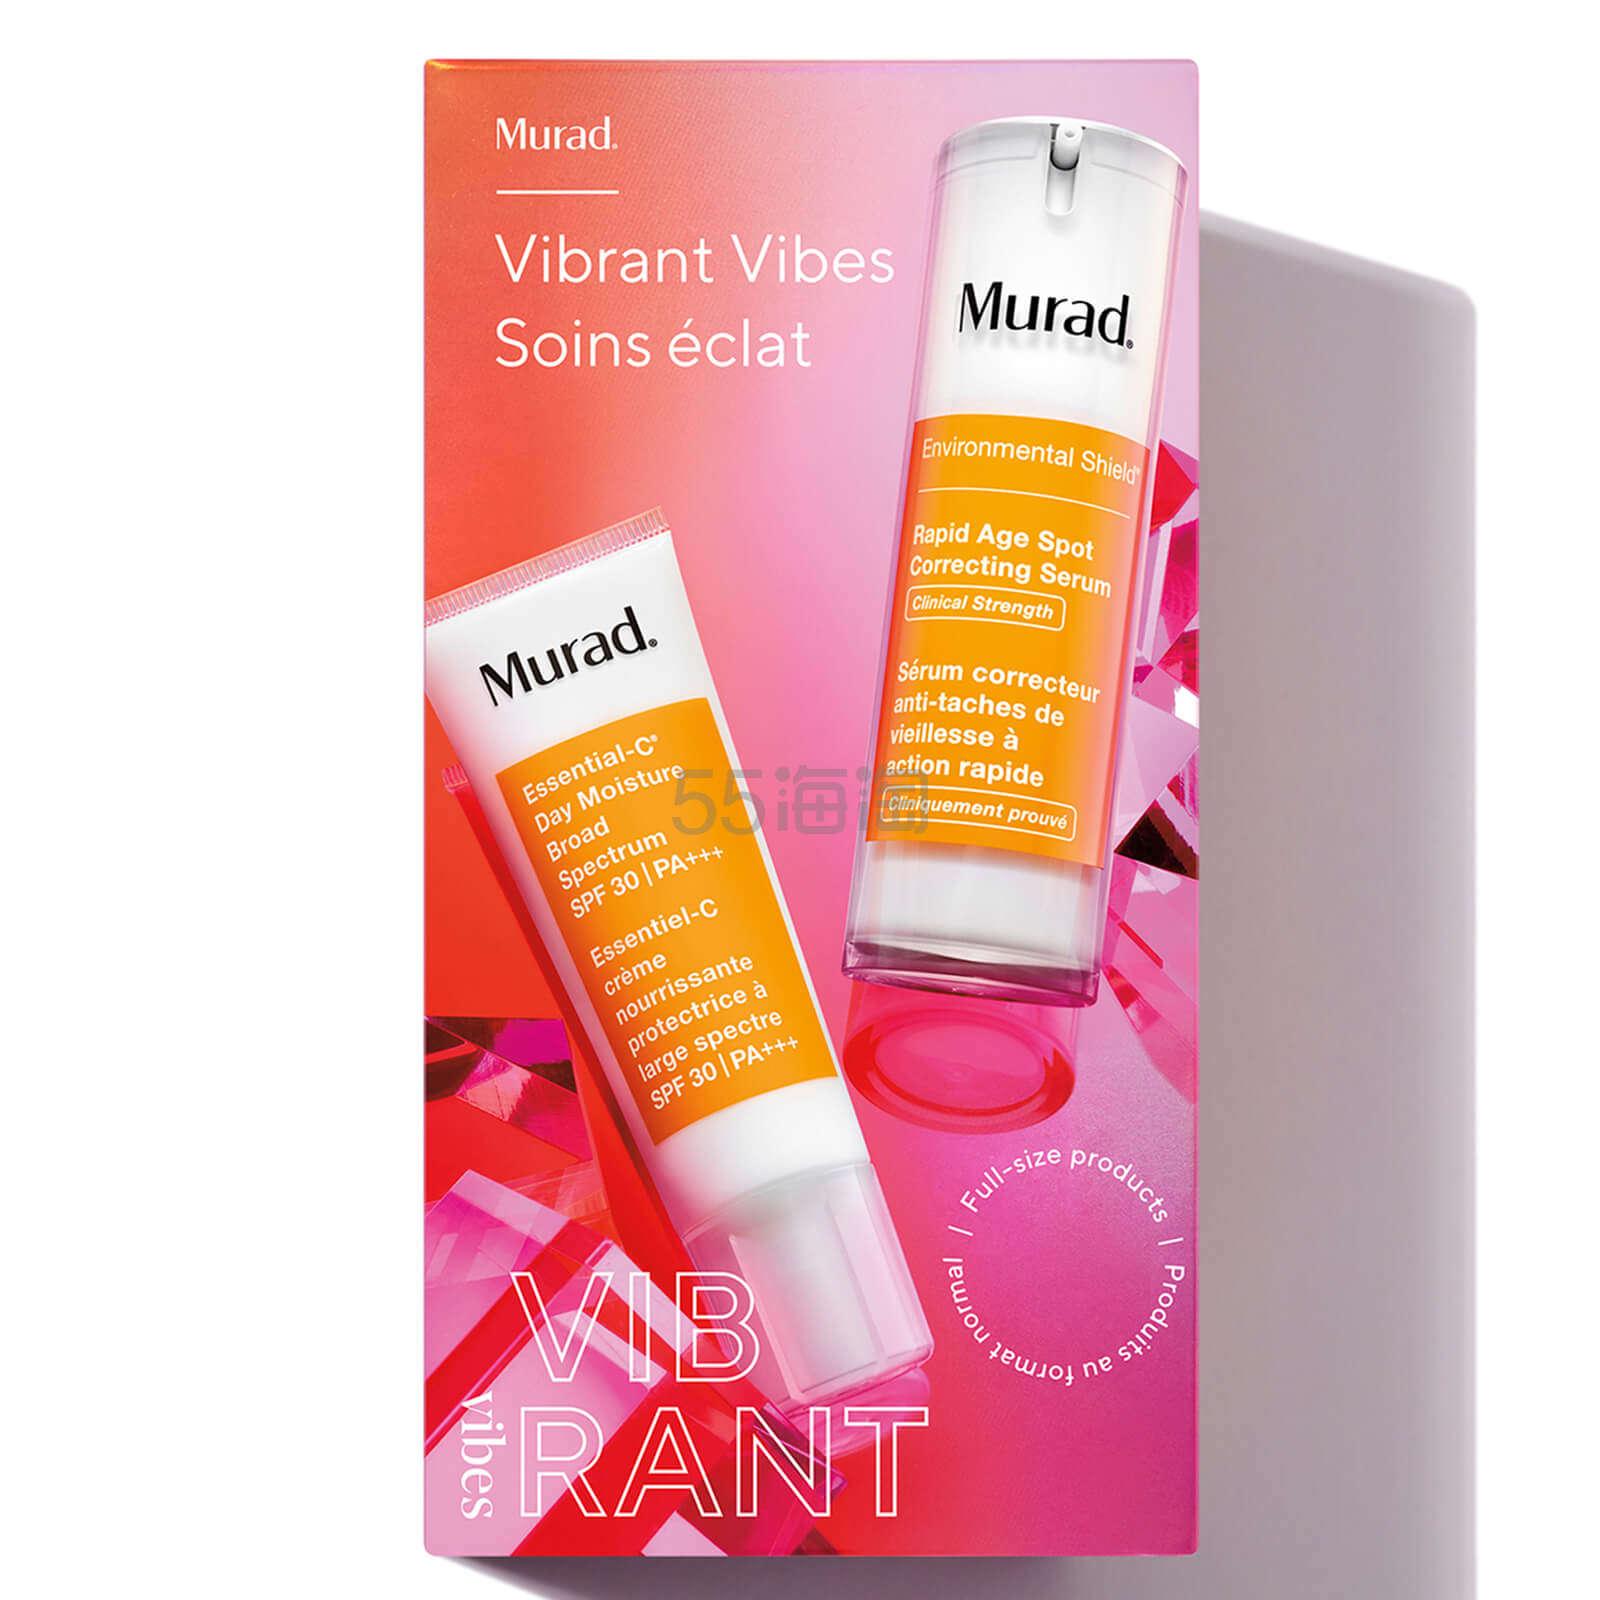 【1套免邮】Murad 慕拉 美白防晒护肤套装 价值£140 £56.25(约507元) - 海淘优惠海淘折扣|55海淘网